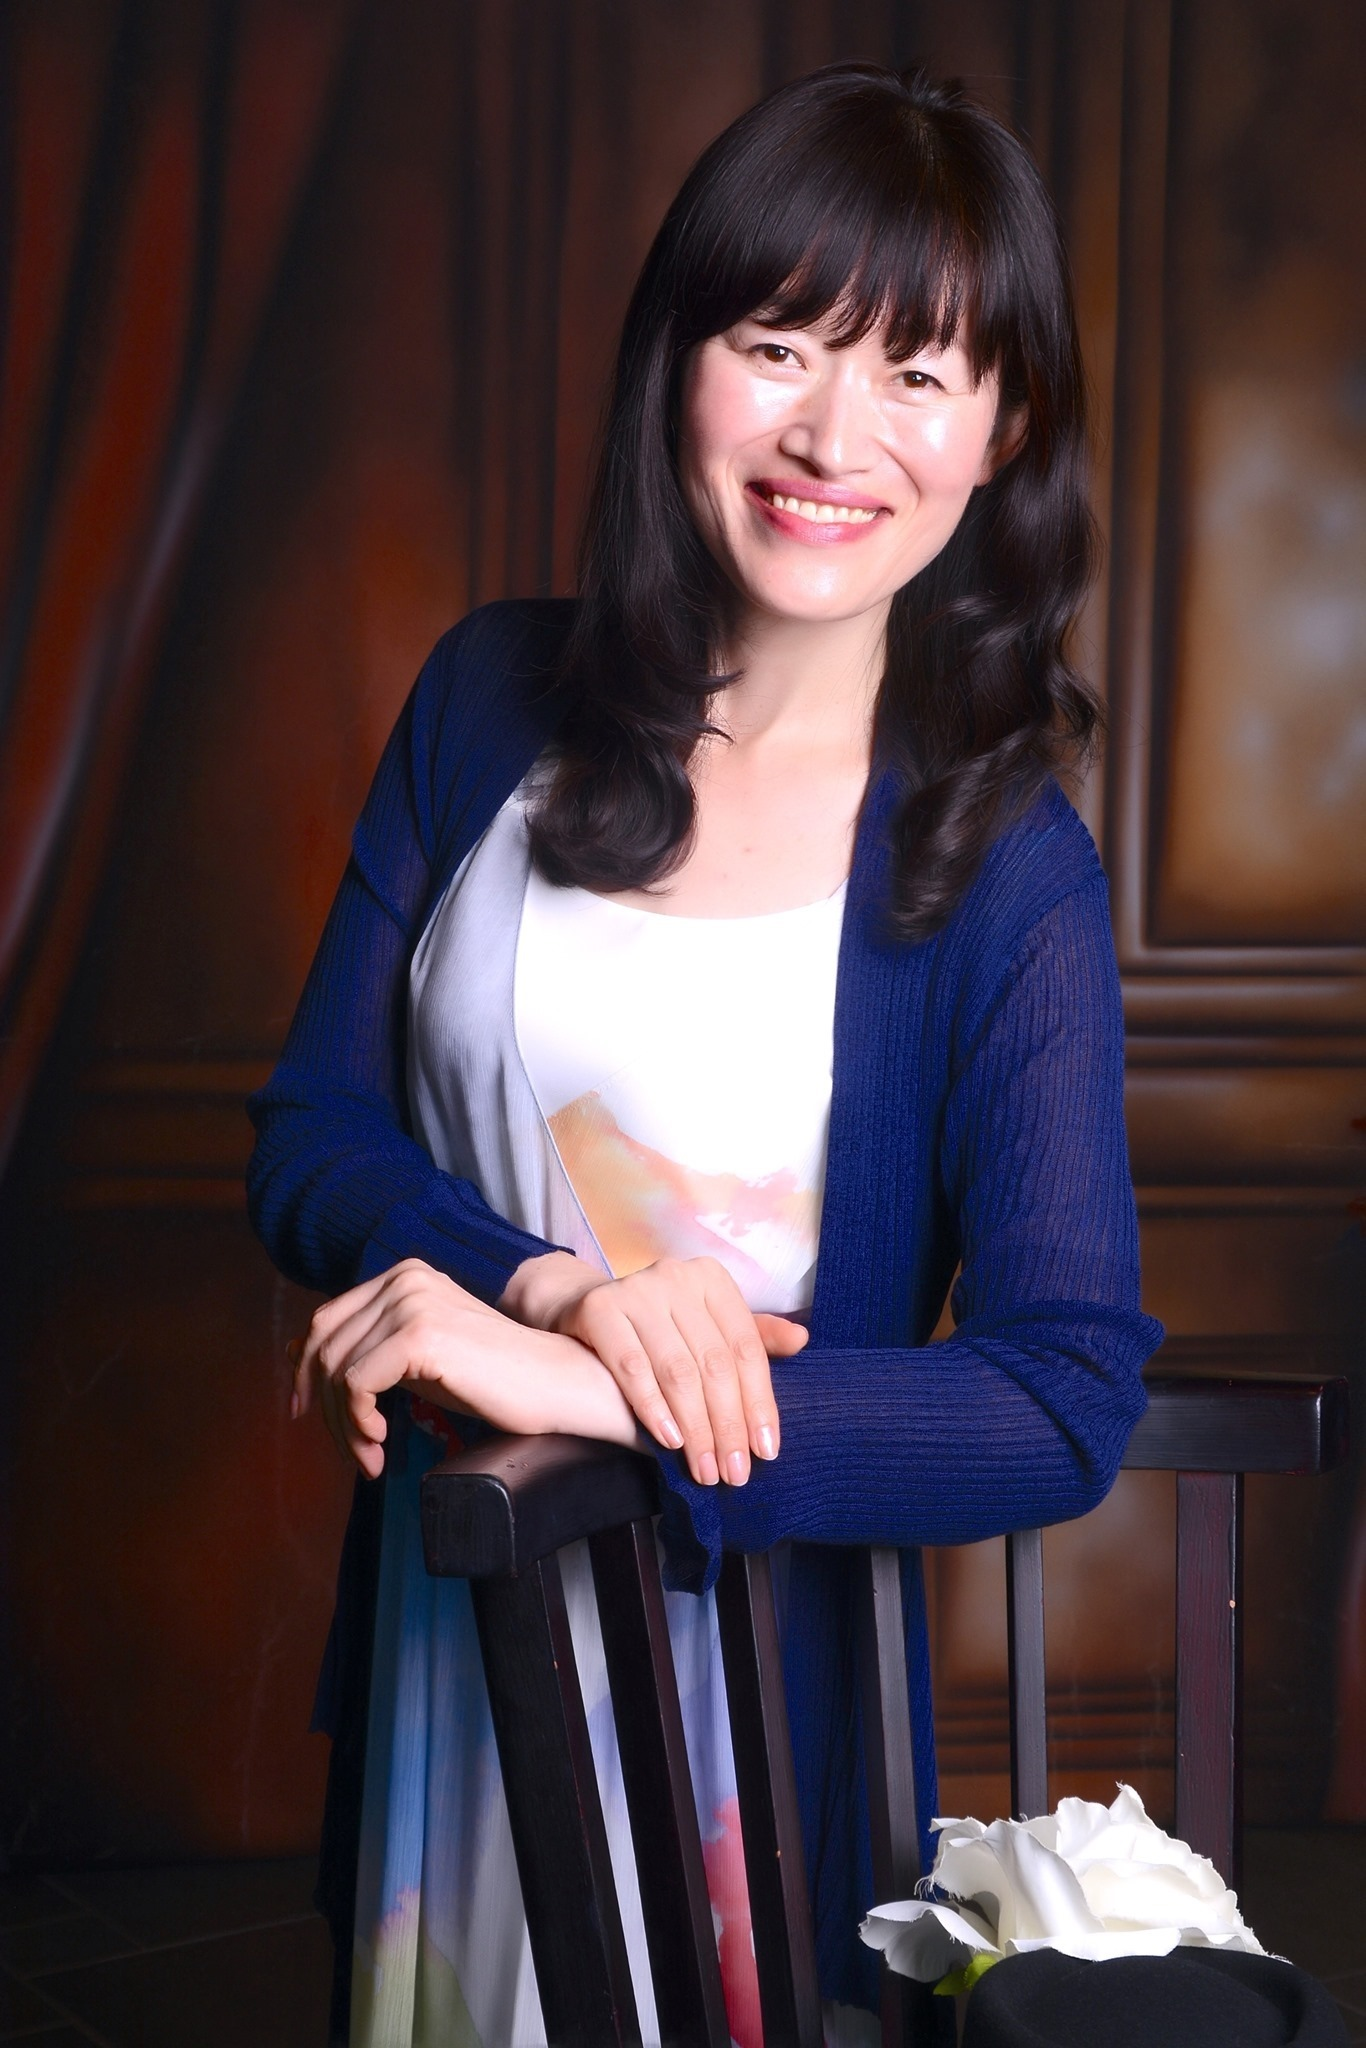 小玉泰子 yasuko kodama